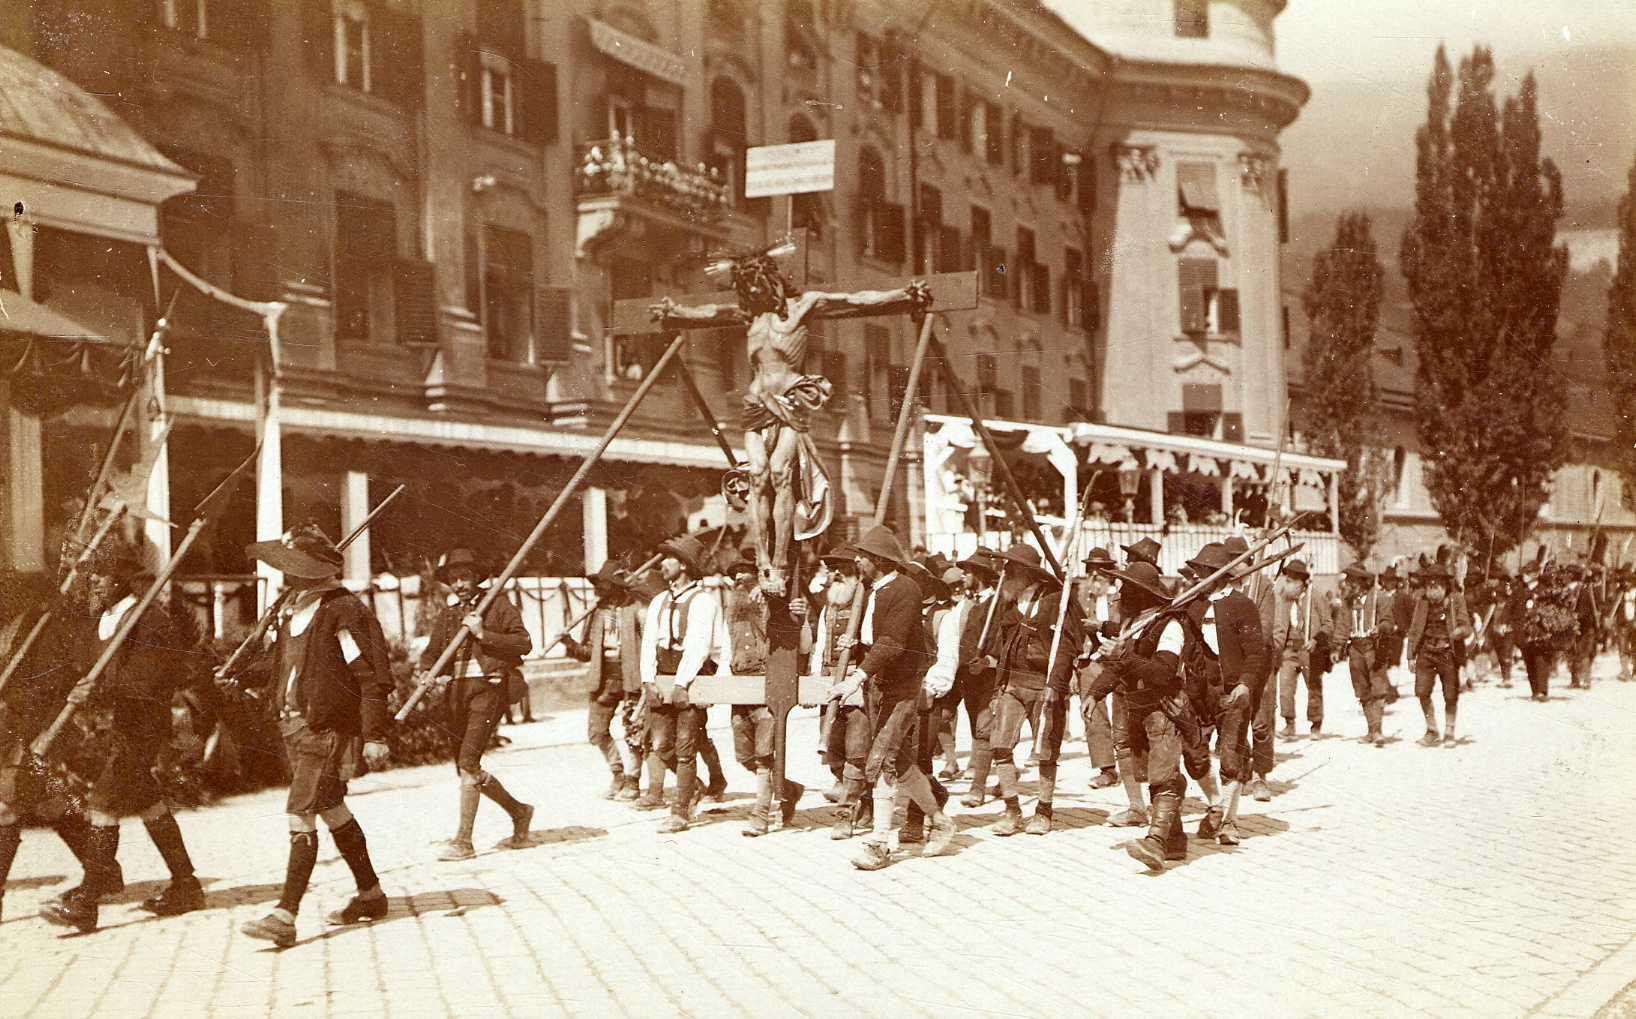 Tiroler Jahrhundertfeier 1909 – Festumzug Der Schützen